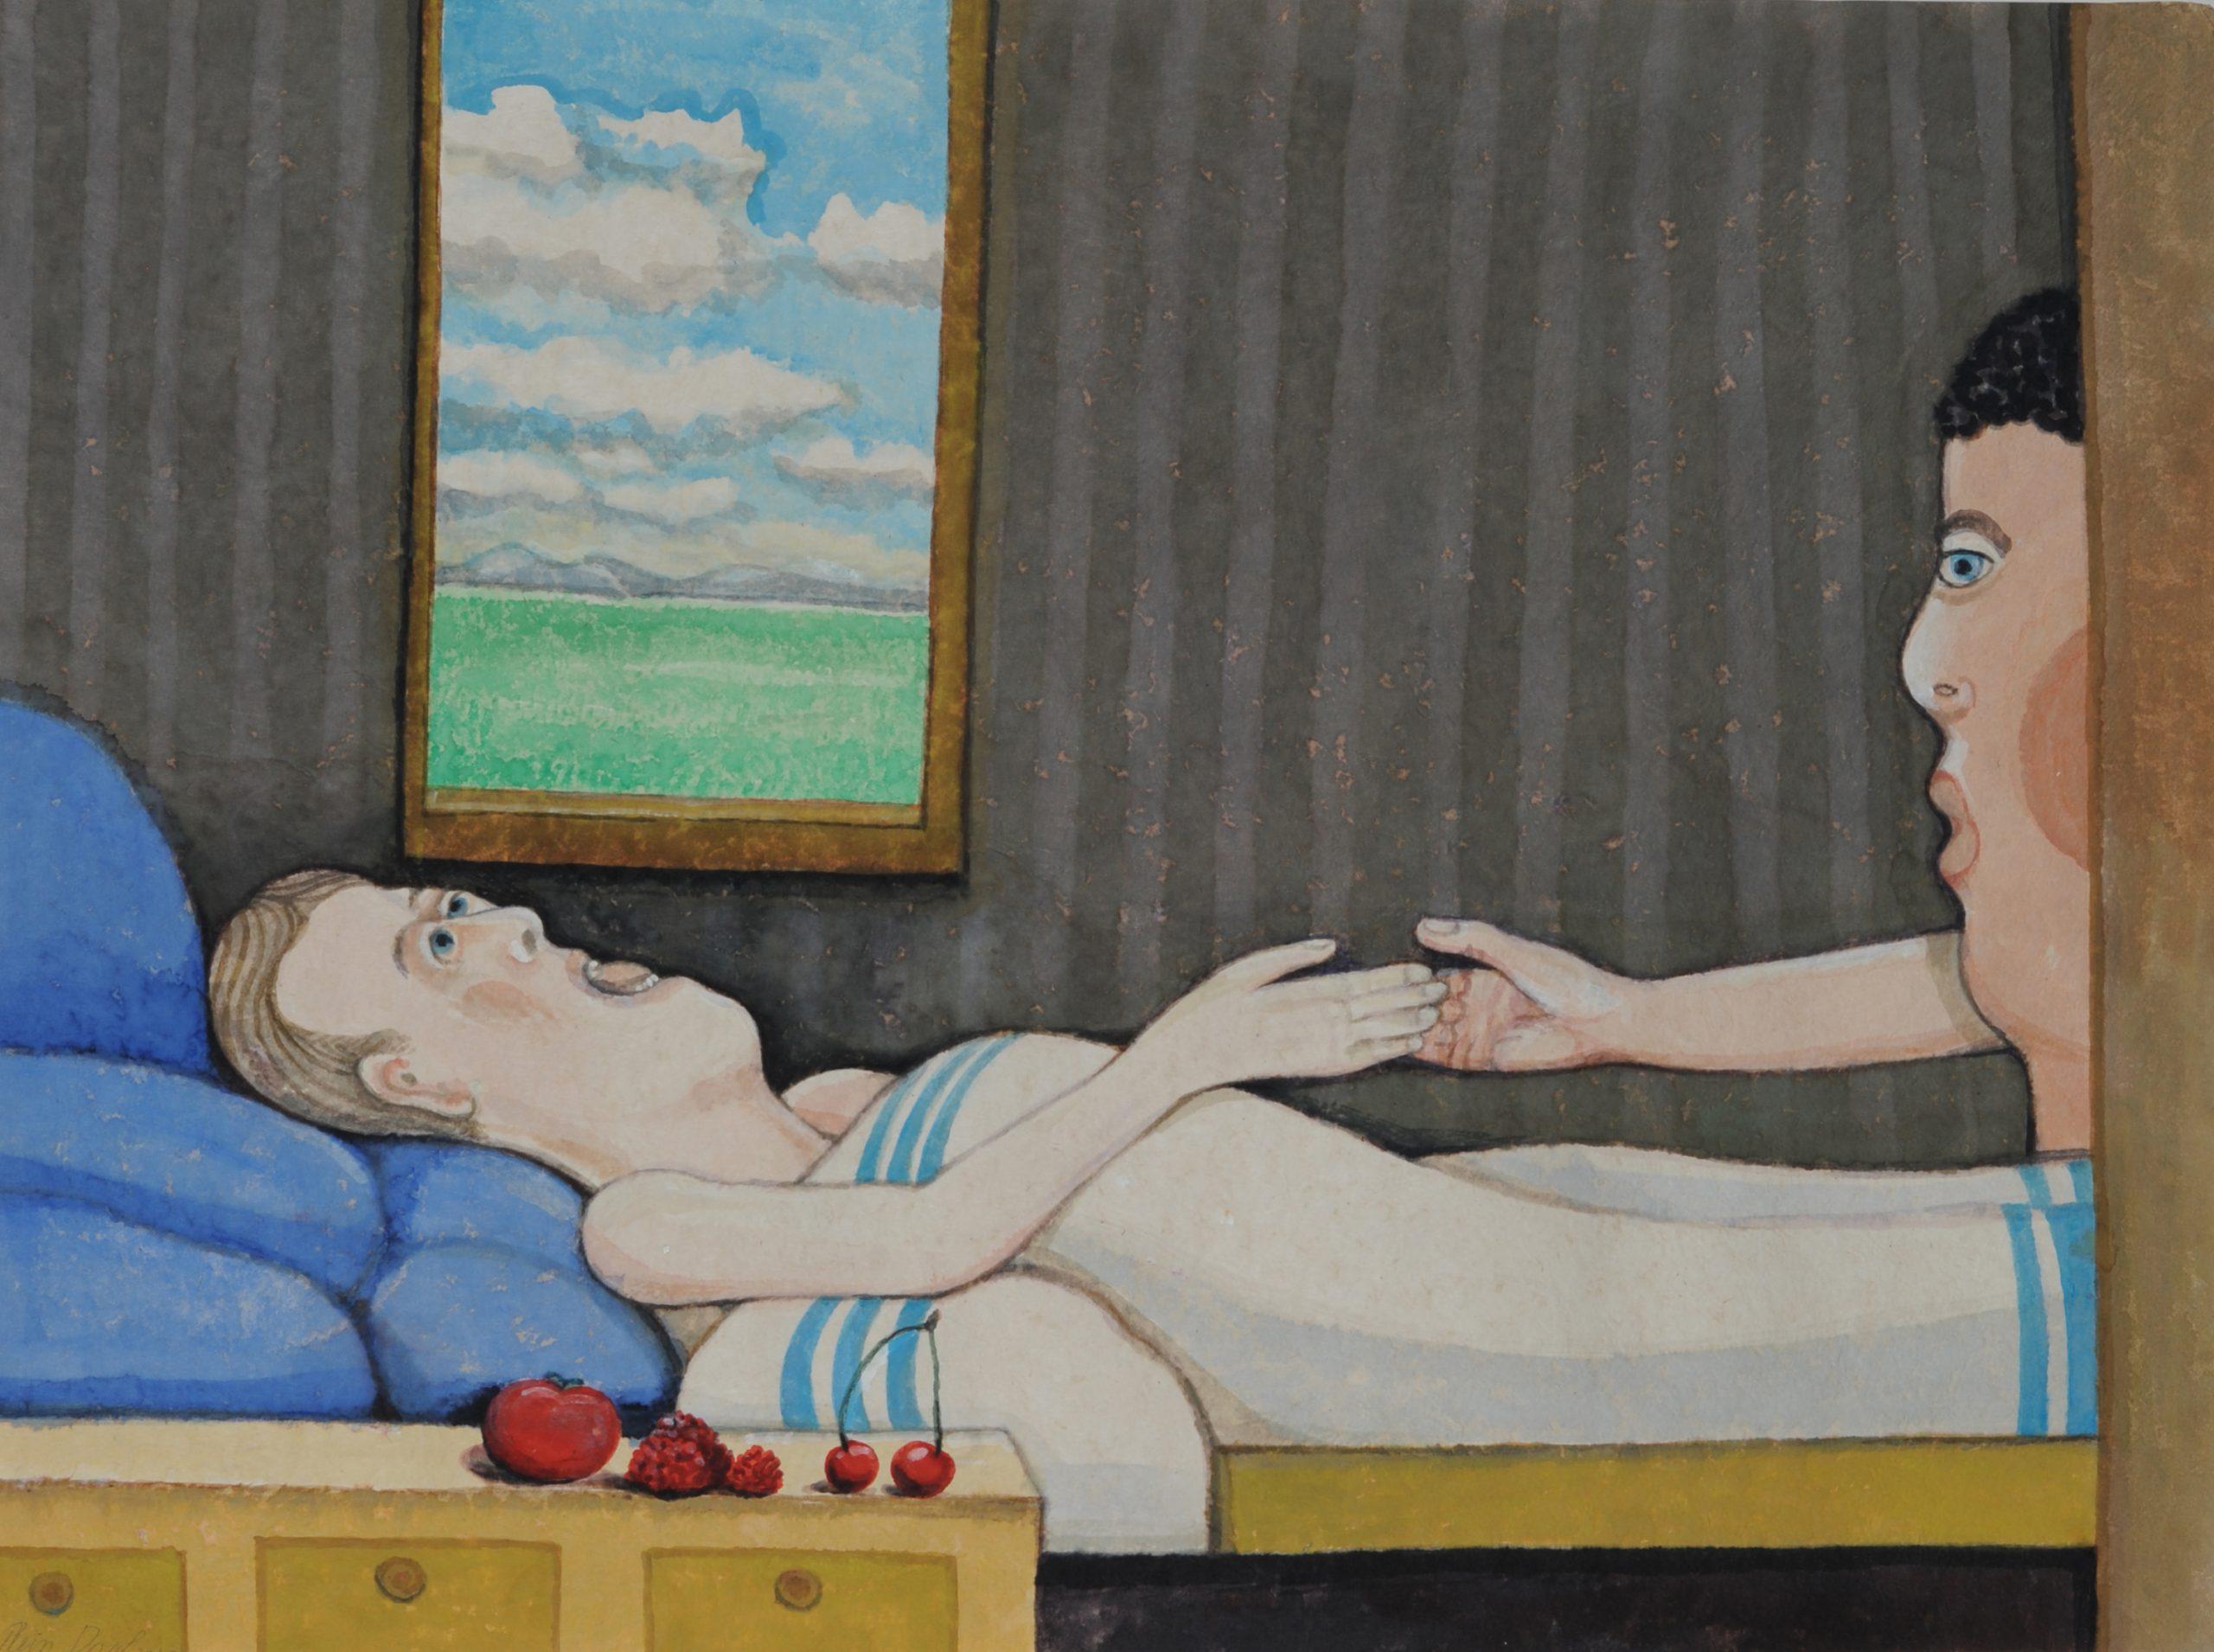 Ziekenbezoek - Rein Dool, 60x80 cm. aquarel 2017